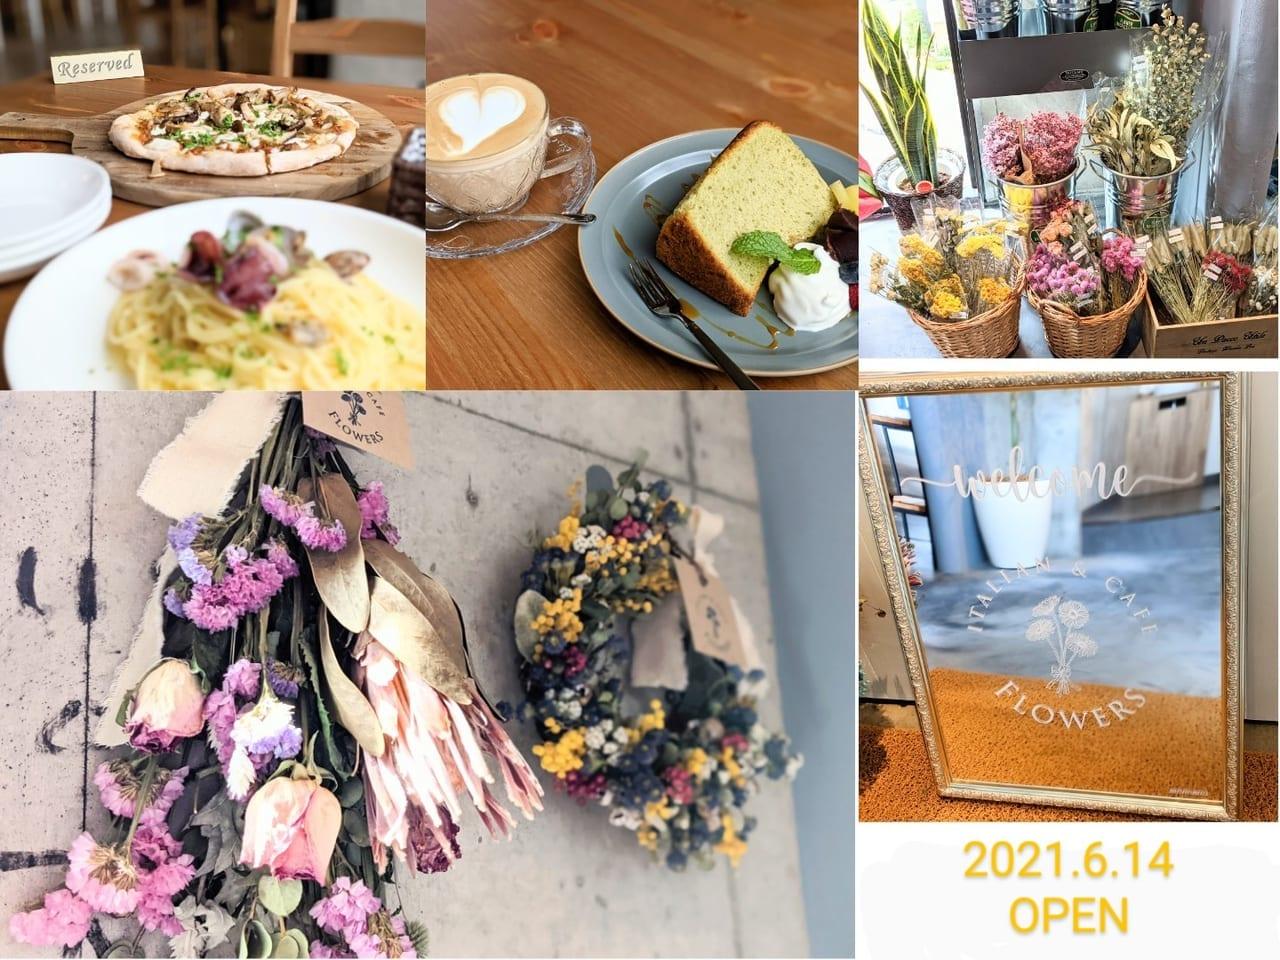 個室あり!「Flowers(フラワーズ)」流山おおたかの森にオープンしたばかりのイタリアンカフェに行って来ました!